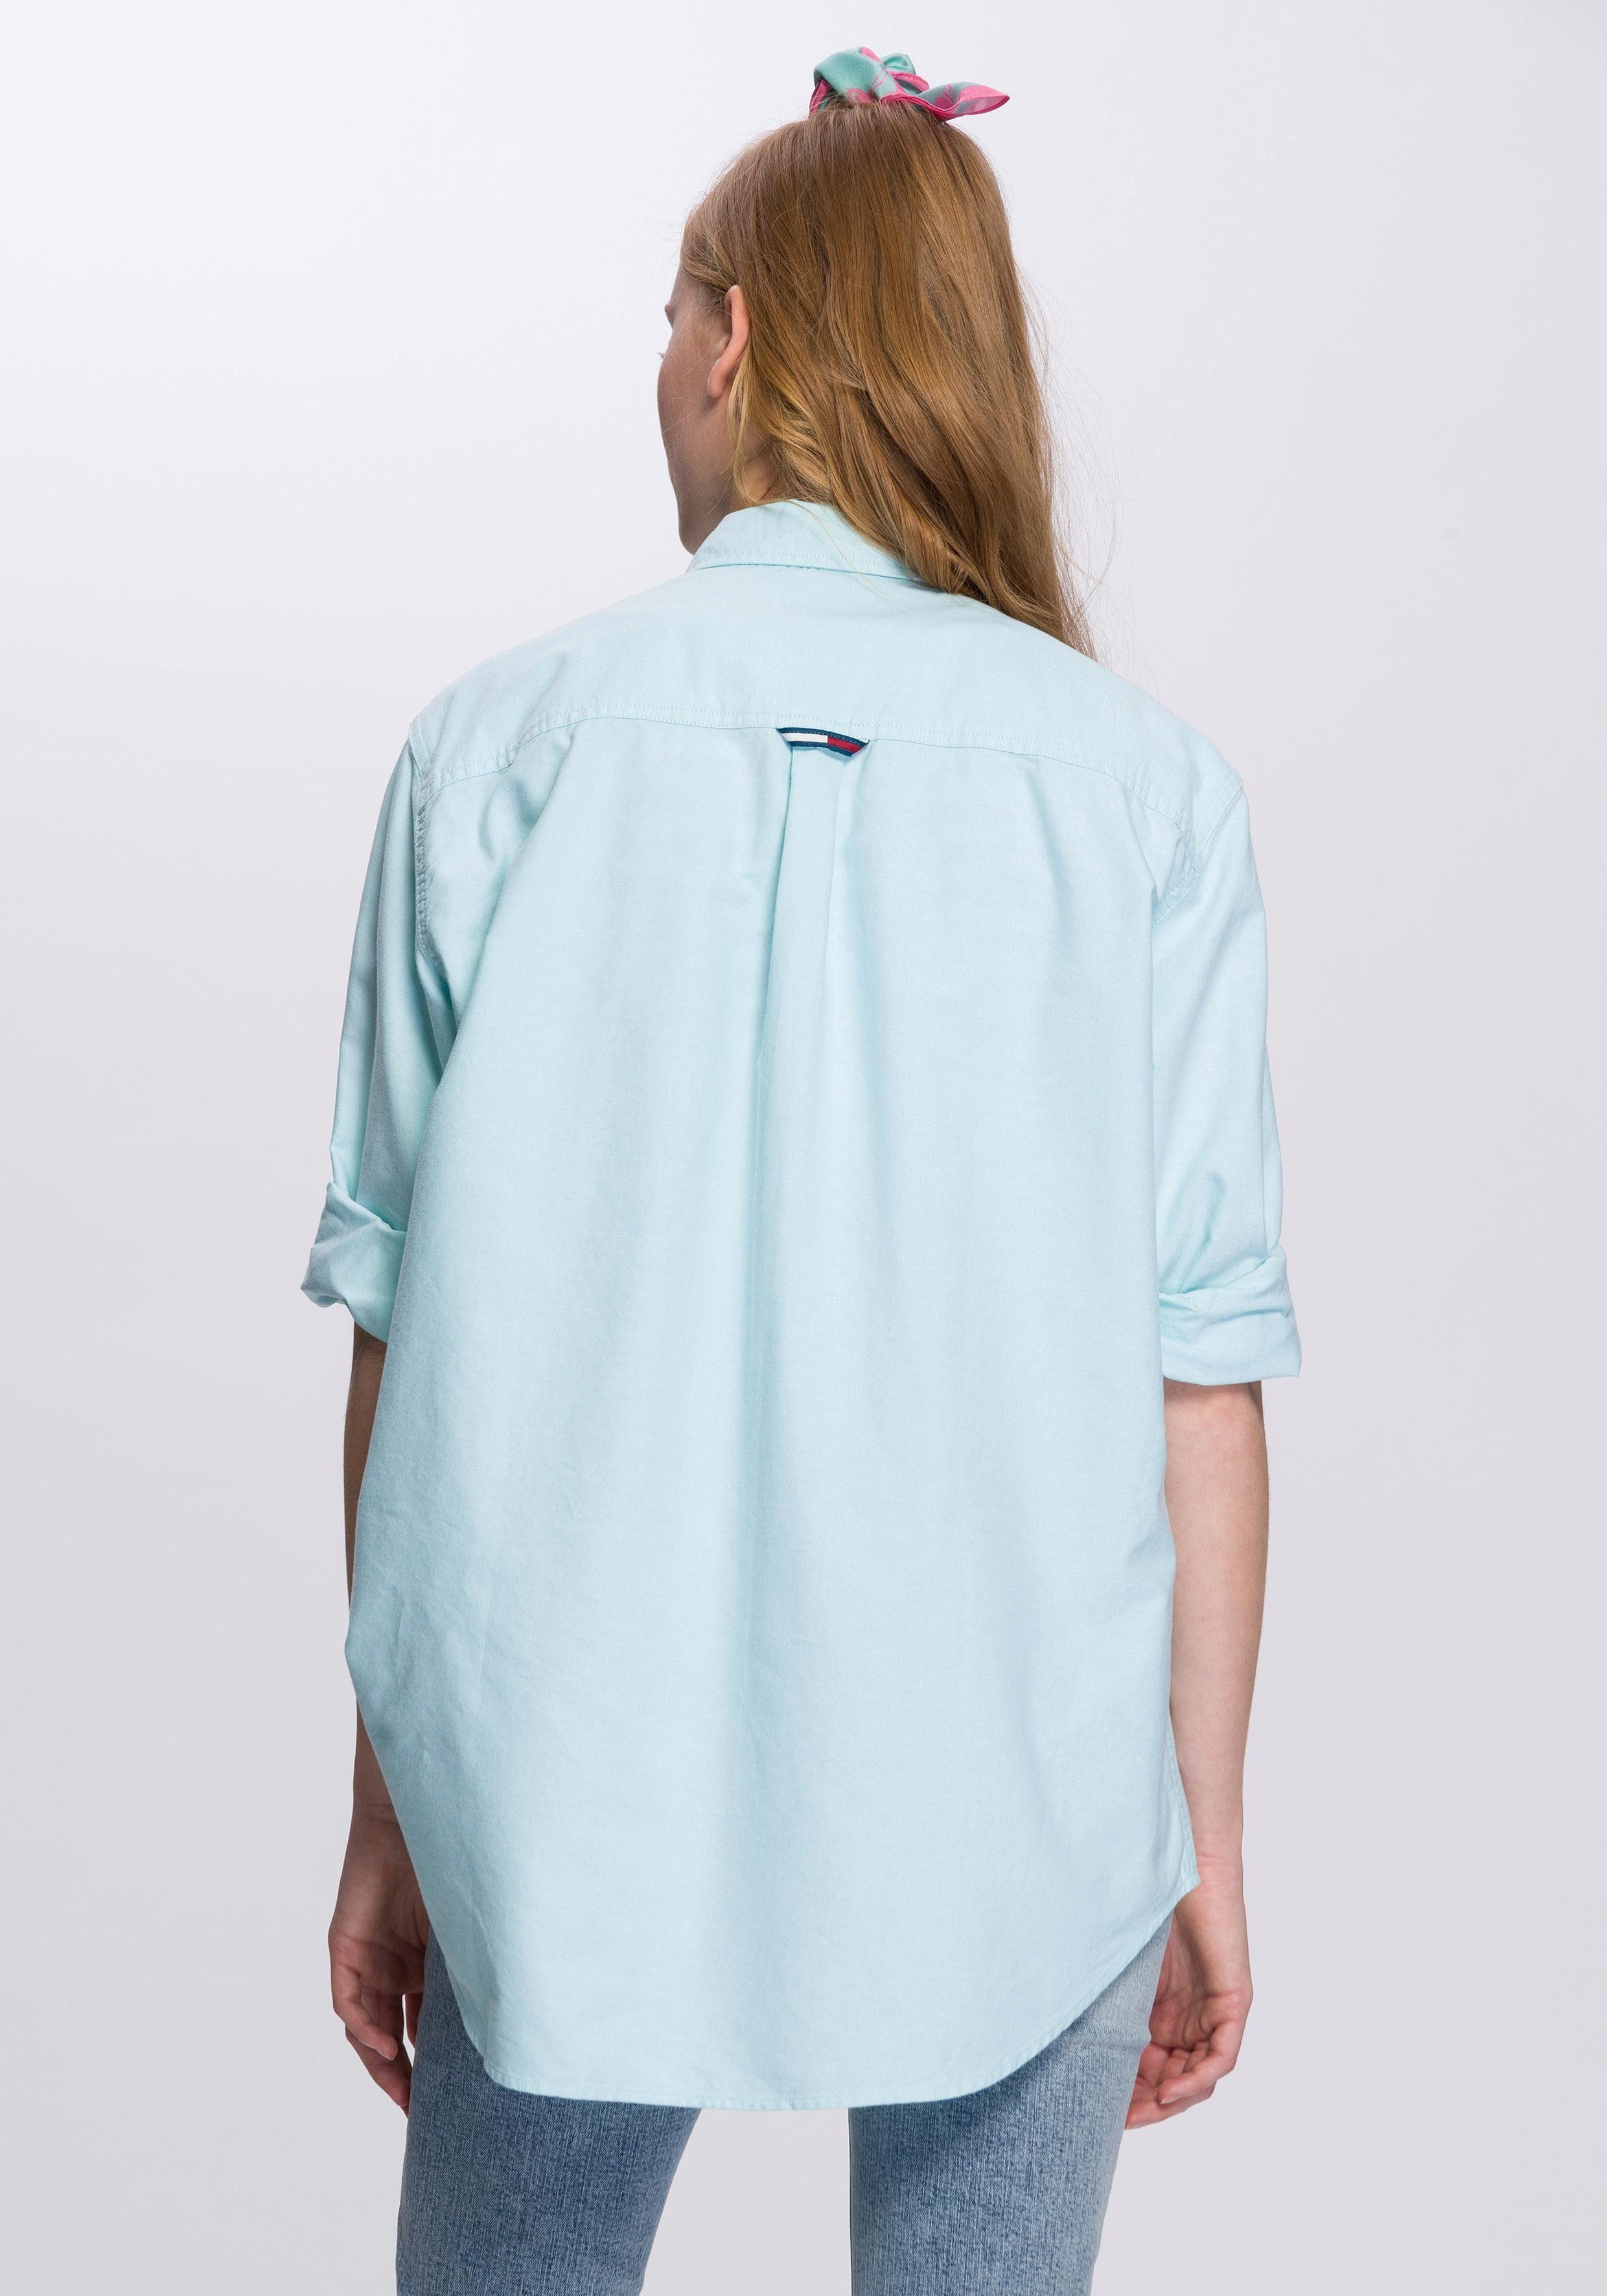 Jeans kragen Online Tommy Modischem Hemdbluse down Mit Button Kaufen v8mNwn0O